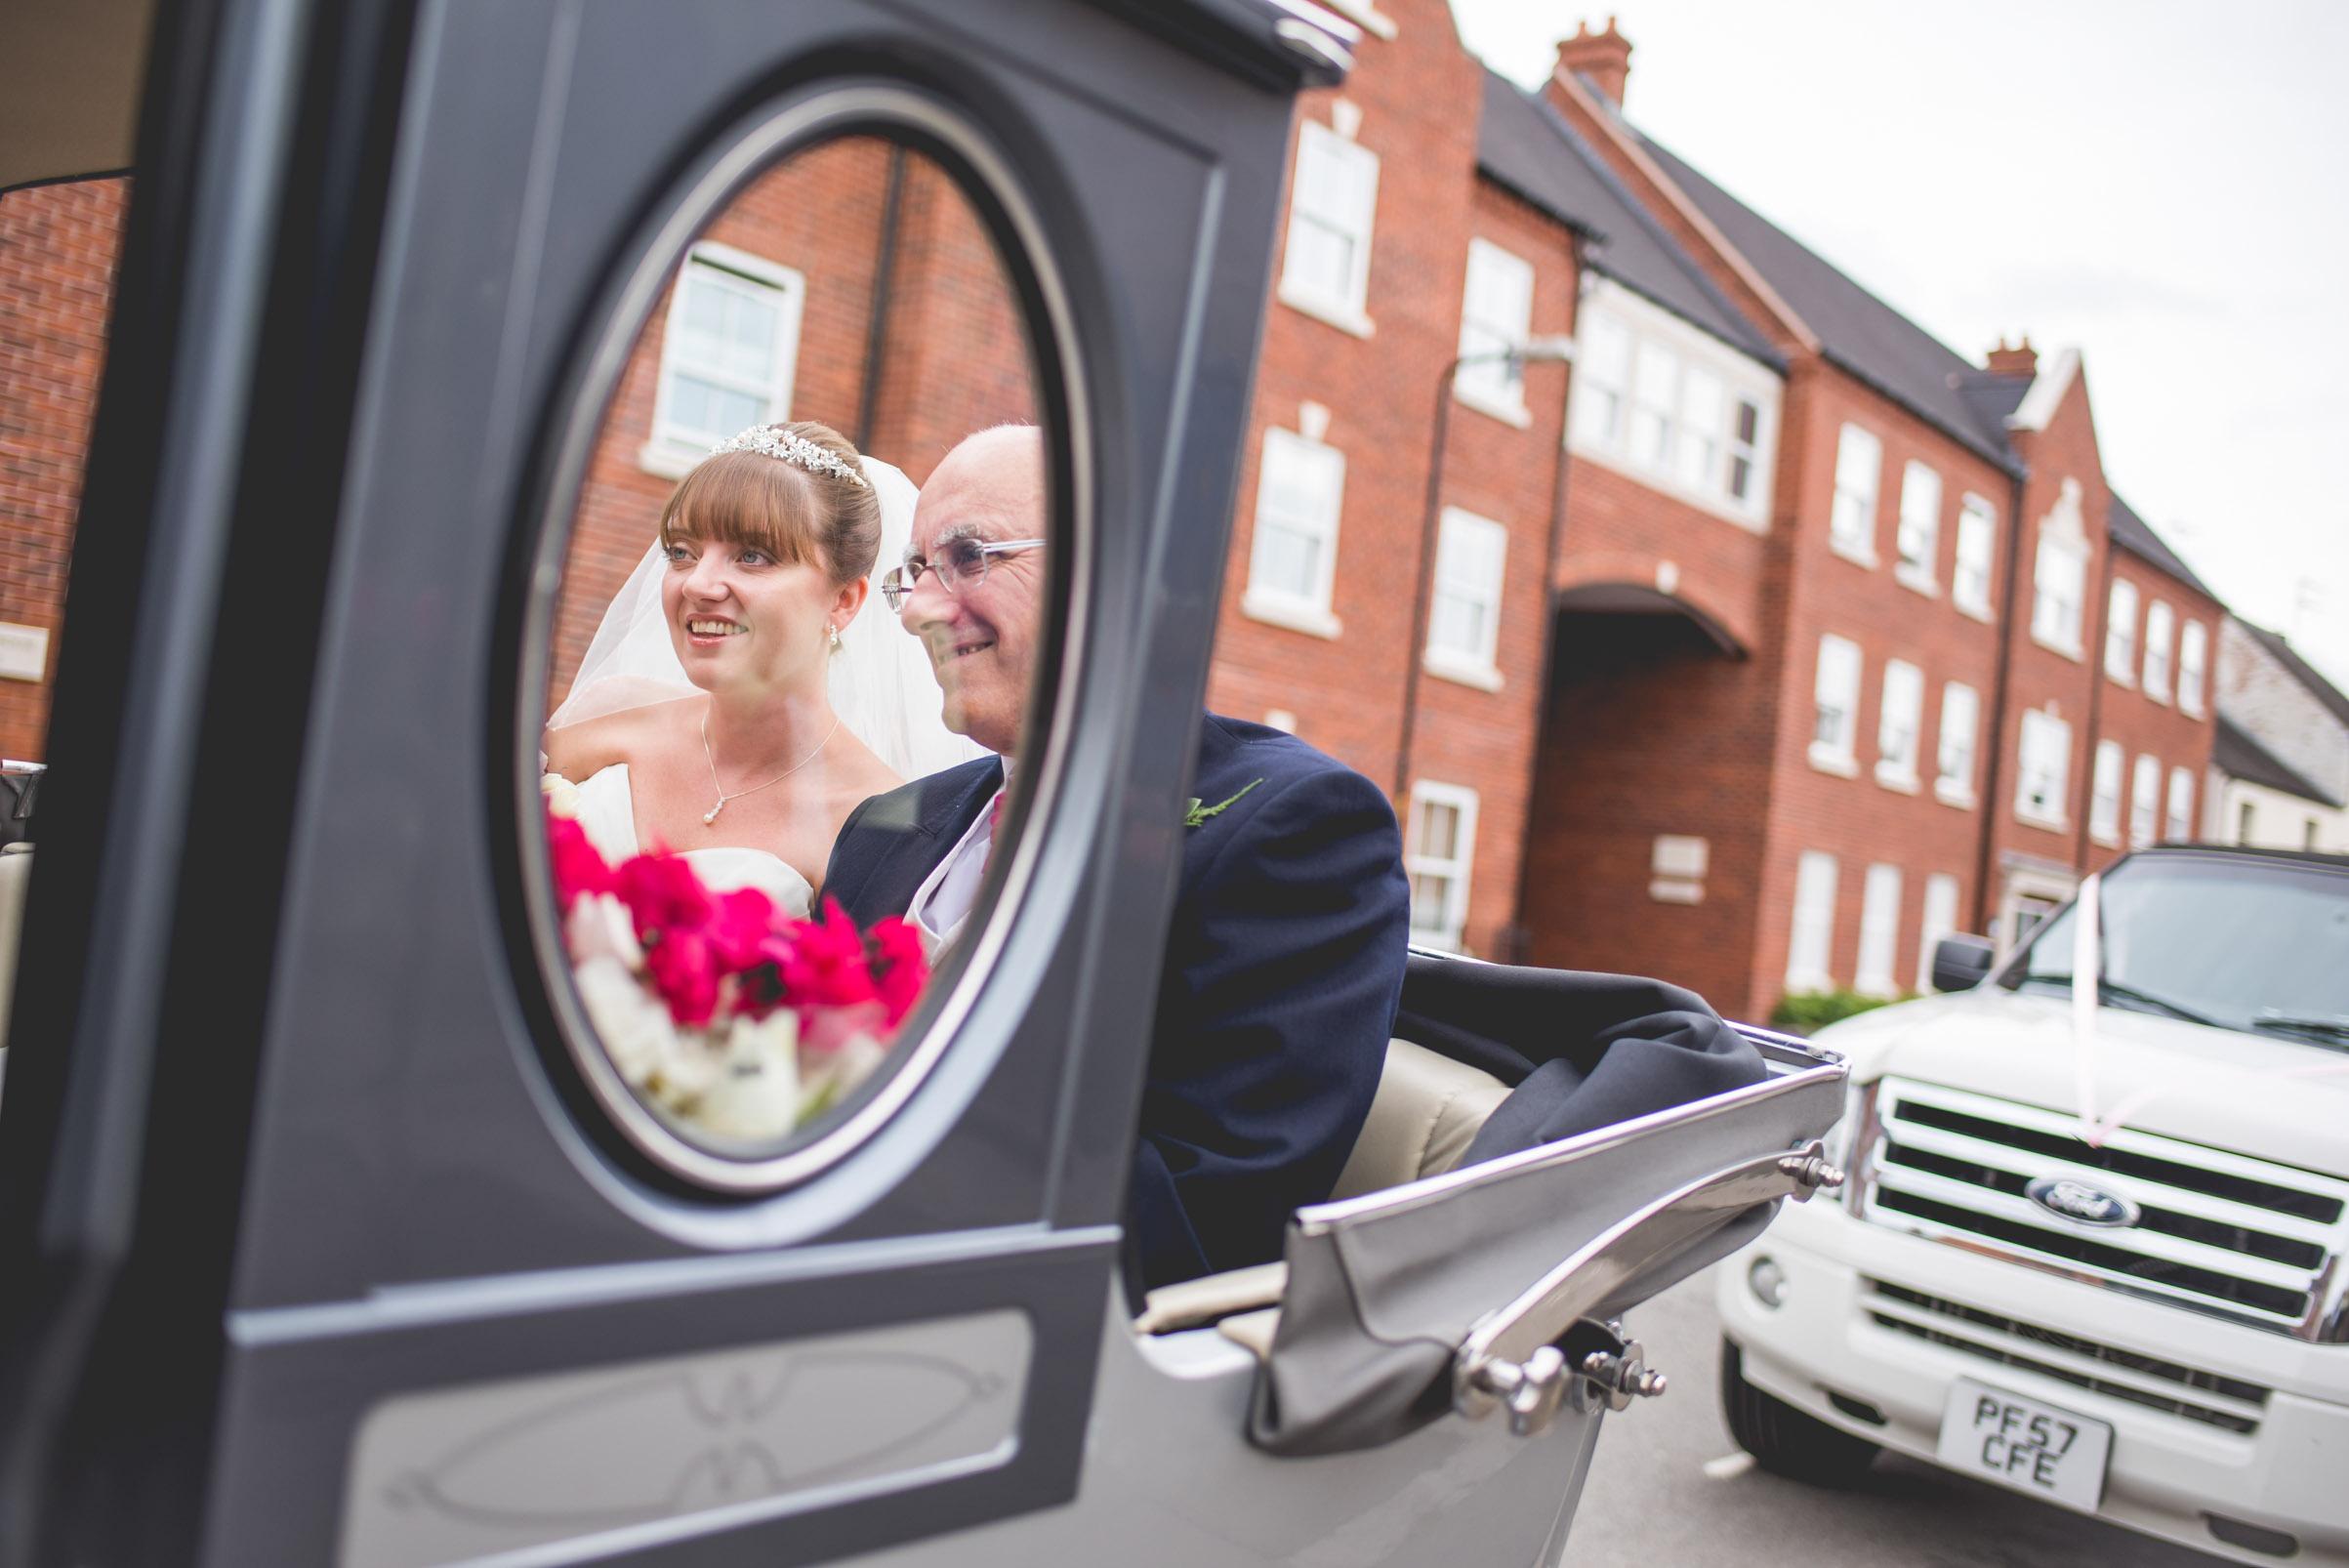 Farm-wedding-staffordshire-st-marys-catholic-church-uttoxter-20.jpg